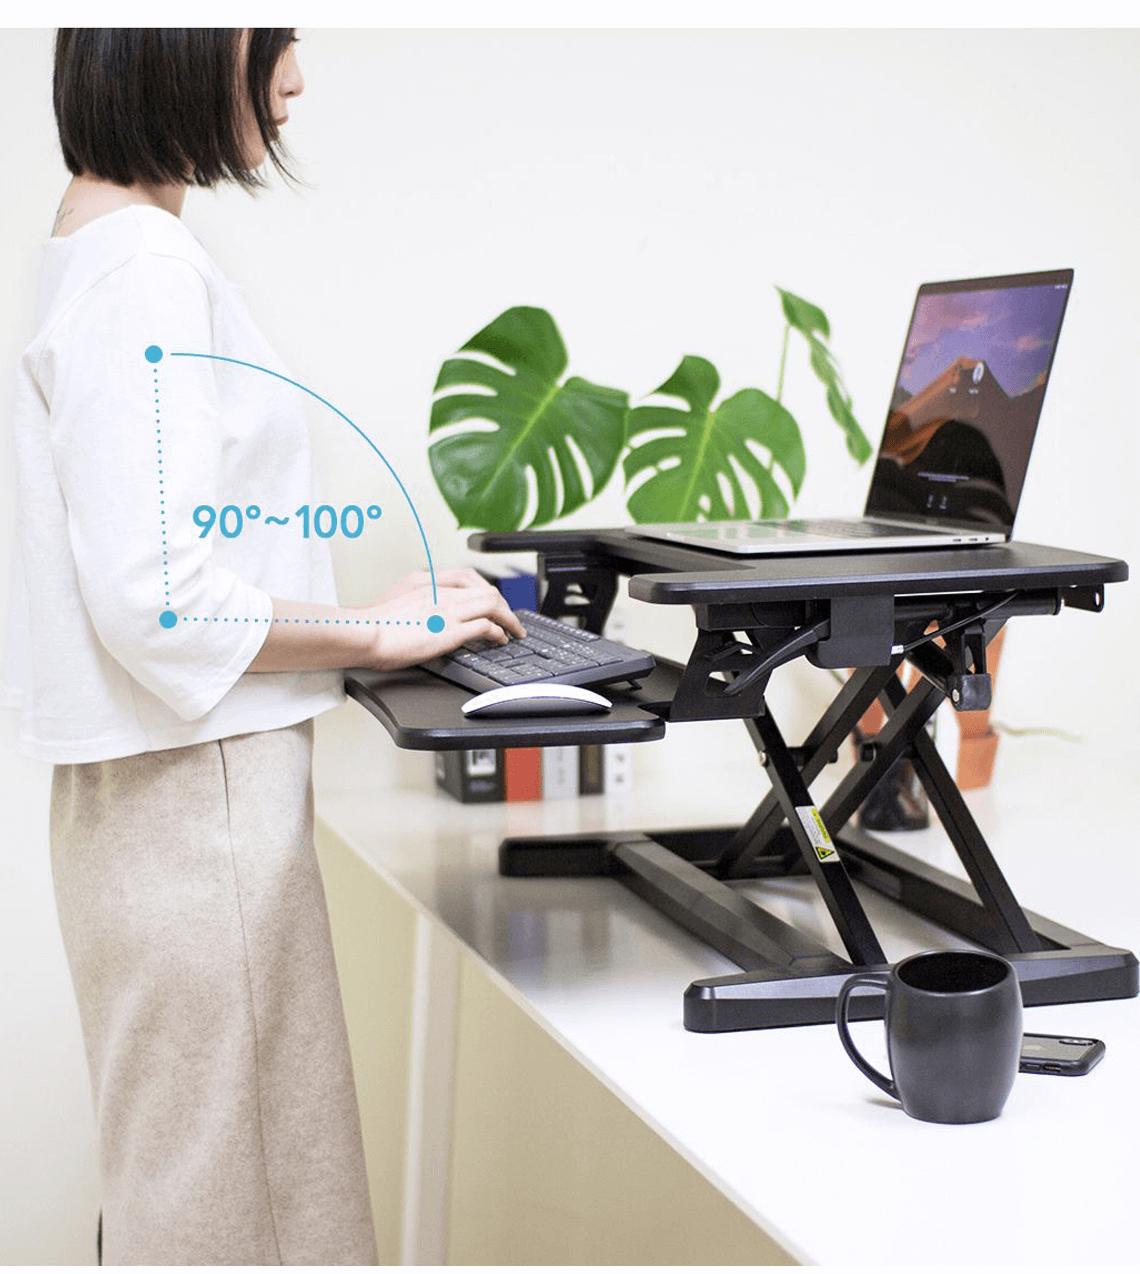 改善久坐問題工具:Flexispot 氣壓式升降工作台